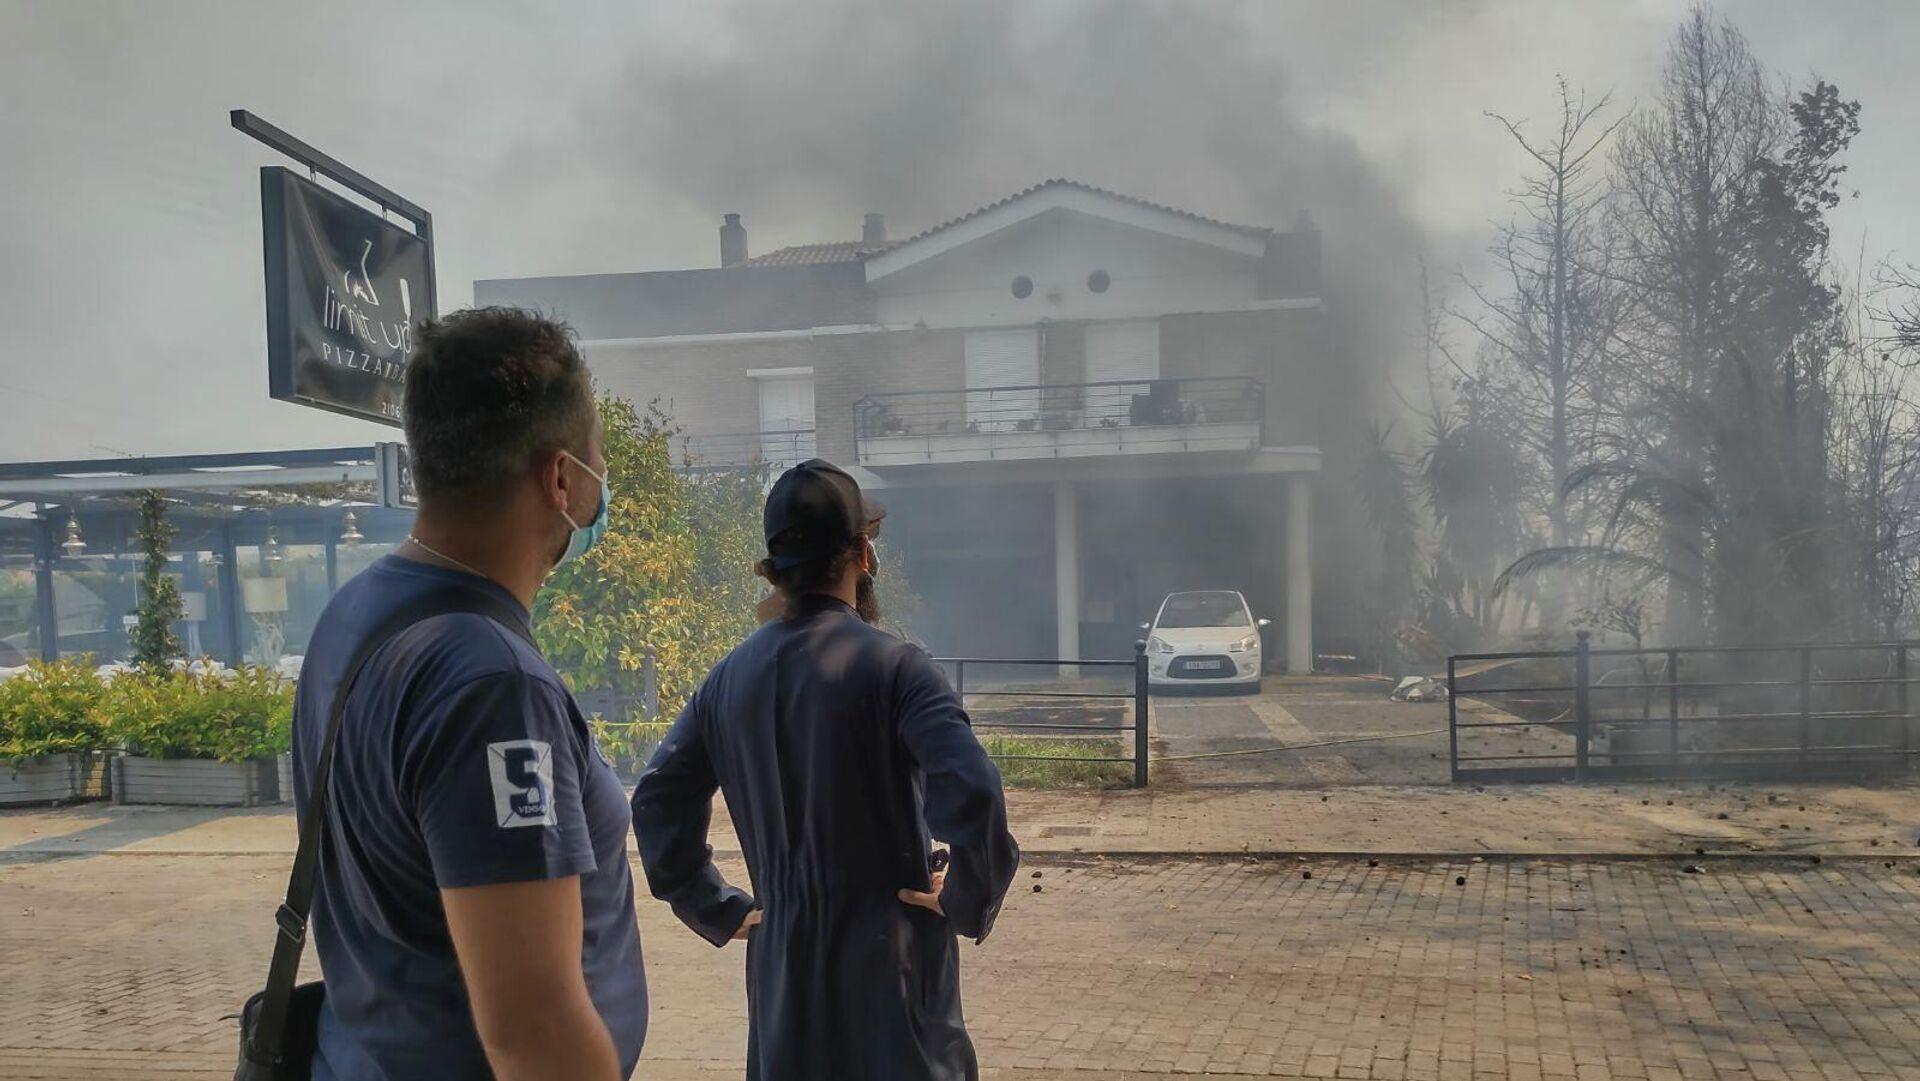 Οι φλόγες μέσα σε σπίτι στο Κρυονέρι - Sputnik Ελλάδα, 1920, 06.08.2021